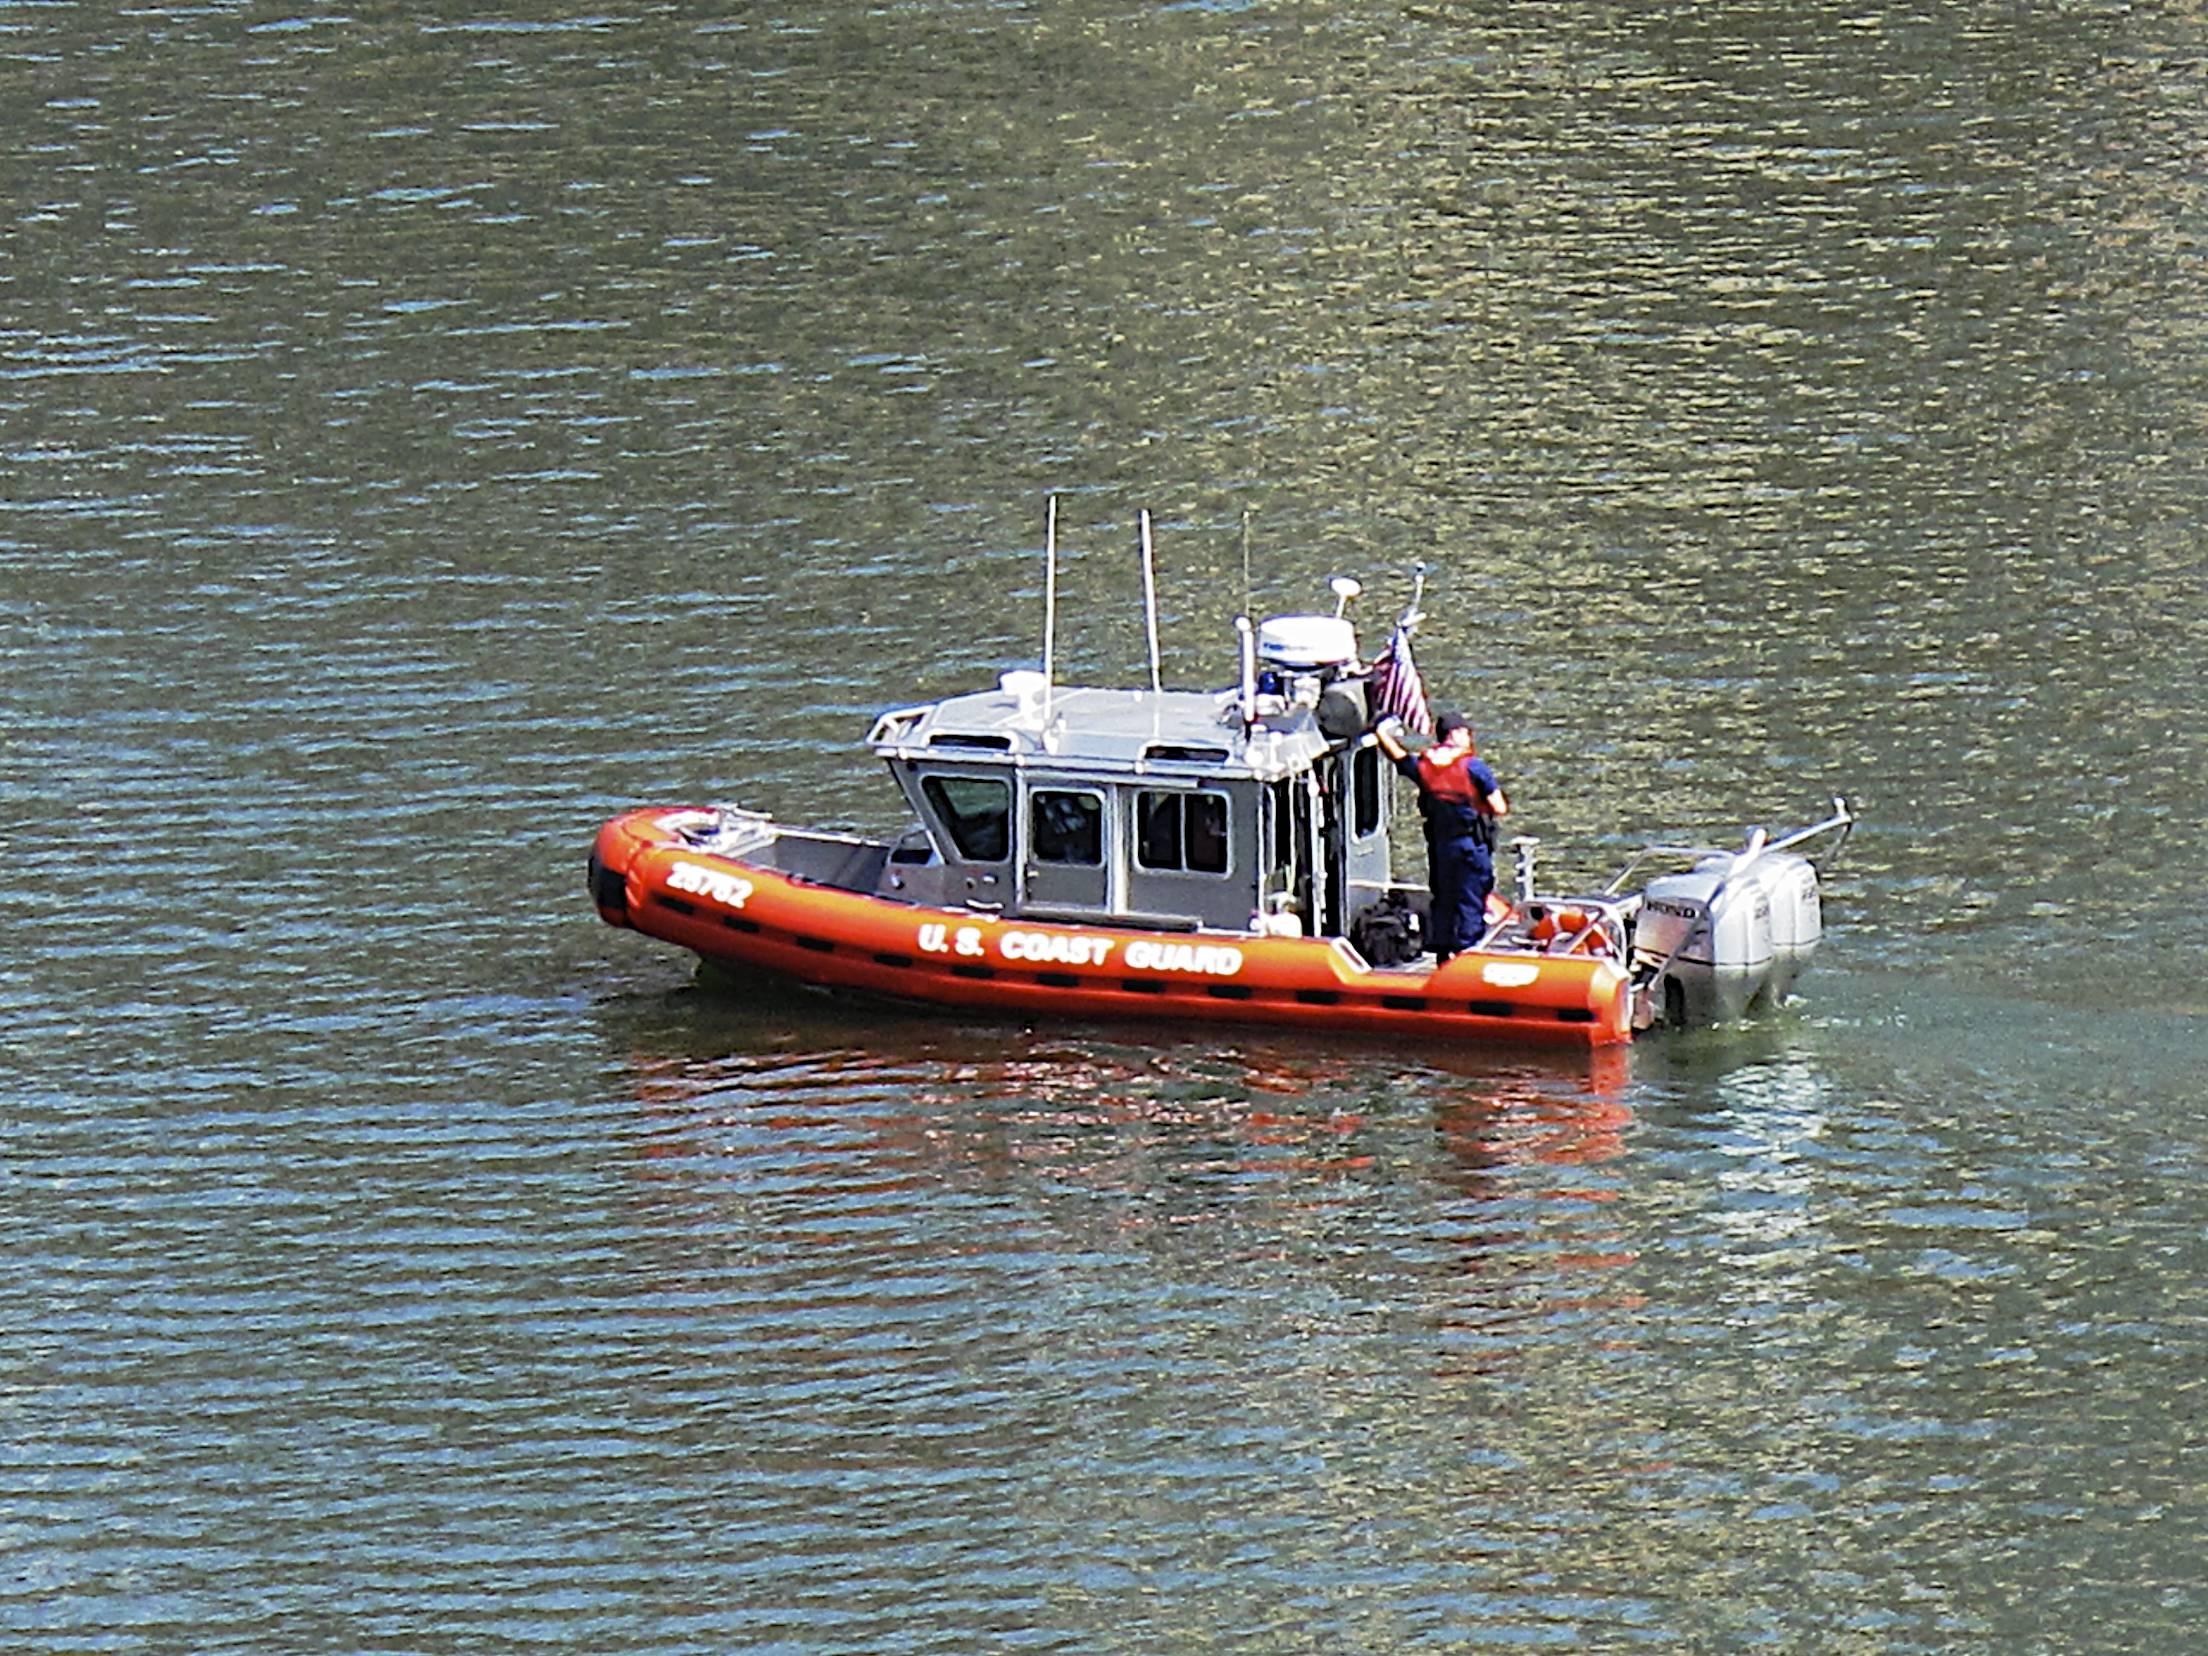 Pgh Boats: Coast Guard on the Monongahela